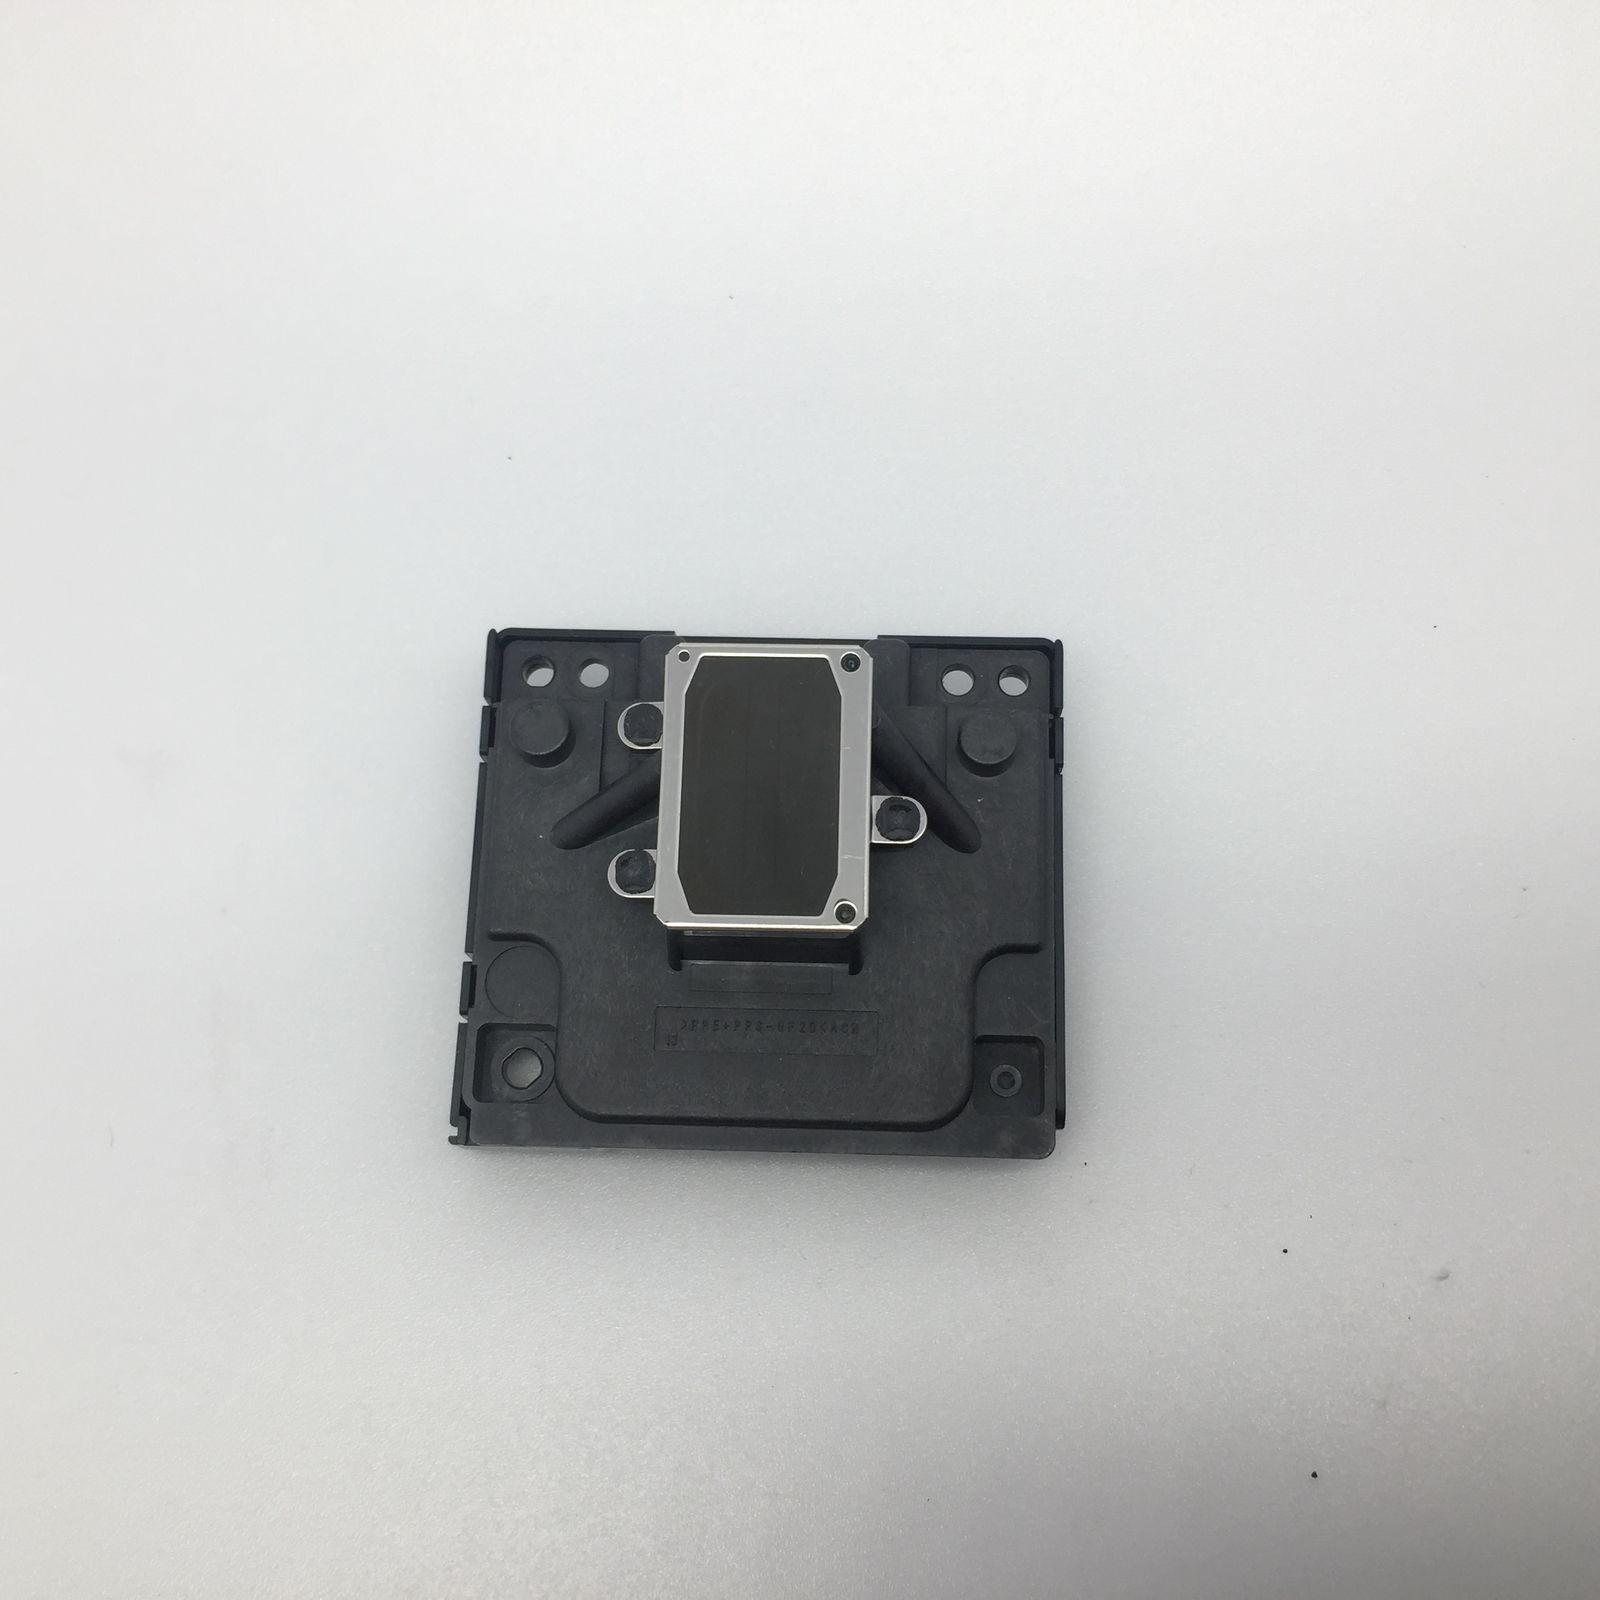 Print Head for EPSON T13 SX210 TX210 TX121 TX135 L200 L100 C58 C59 C70 C78 C79 C90 C97 C92 D92 P23 PX100 PX110 PX115 ZX3900